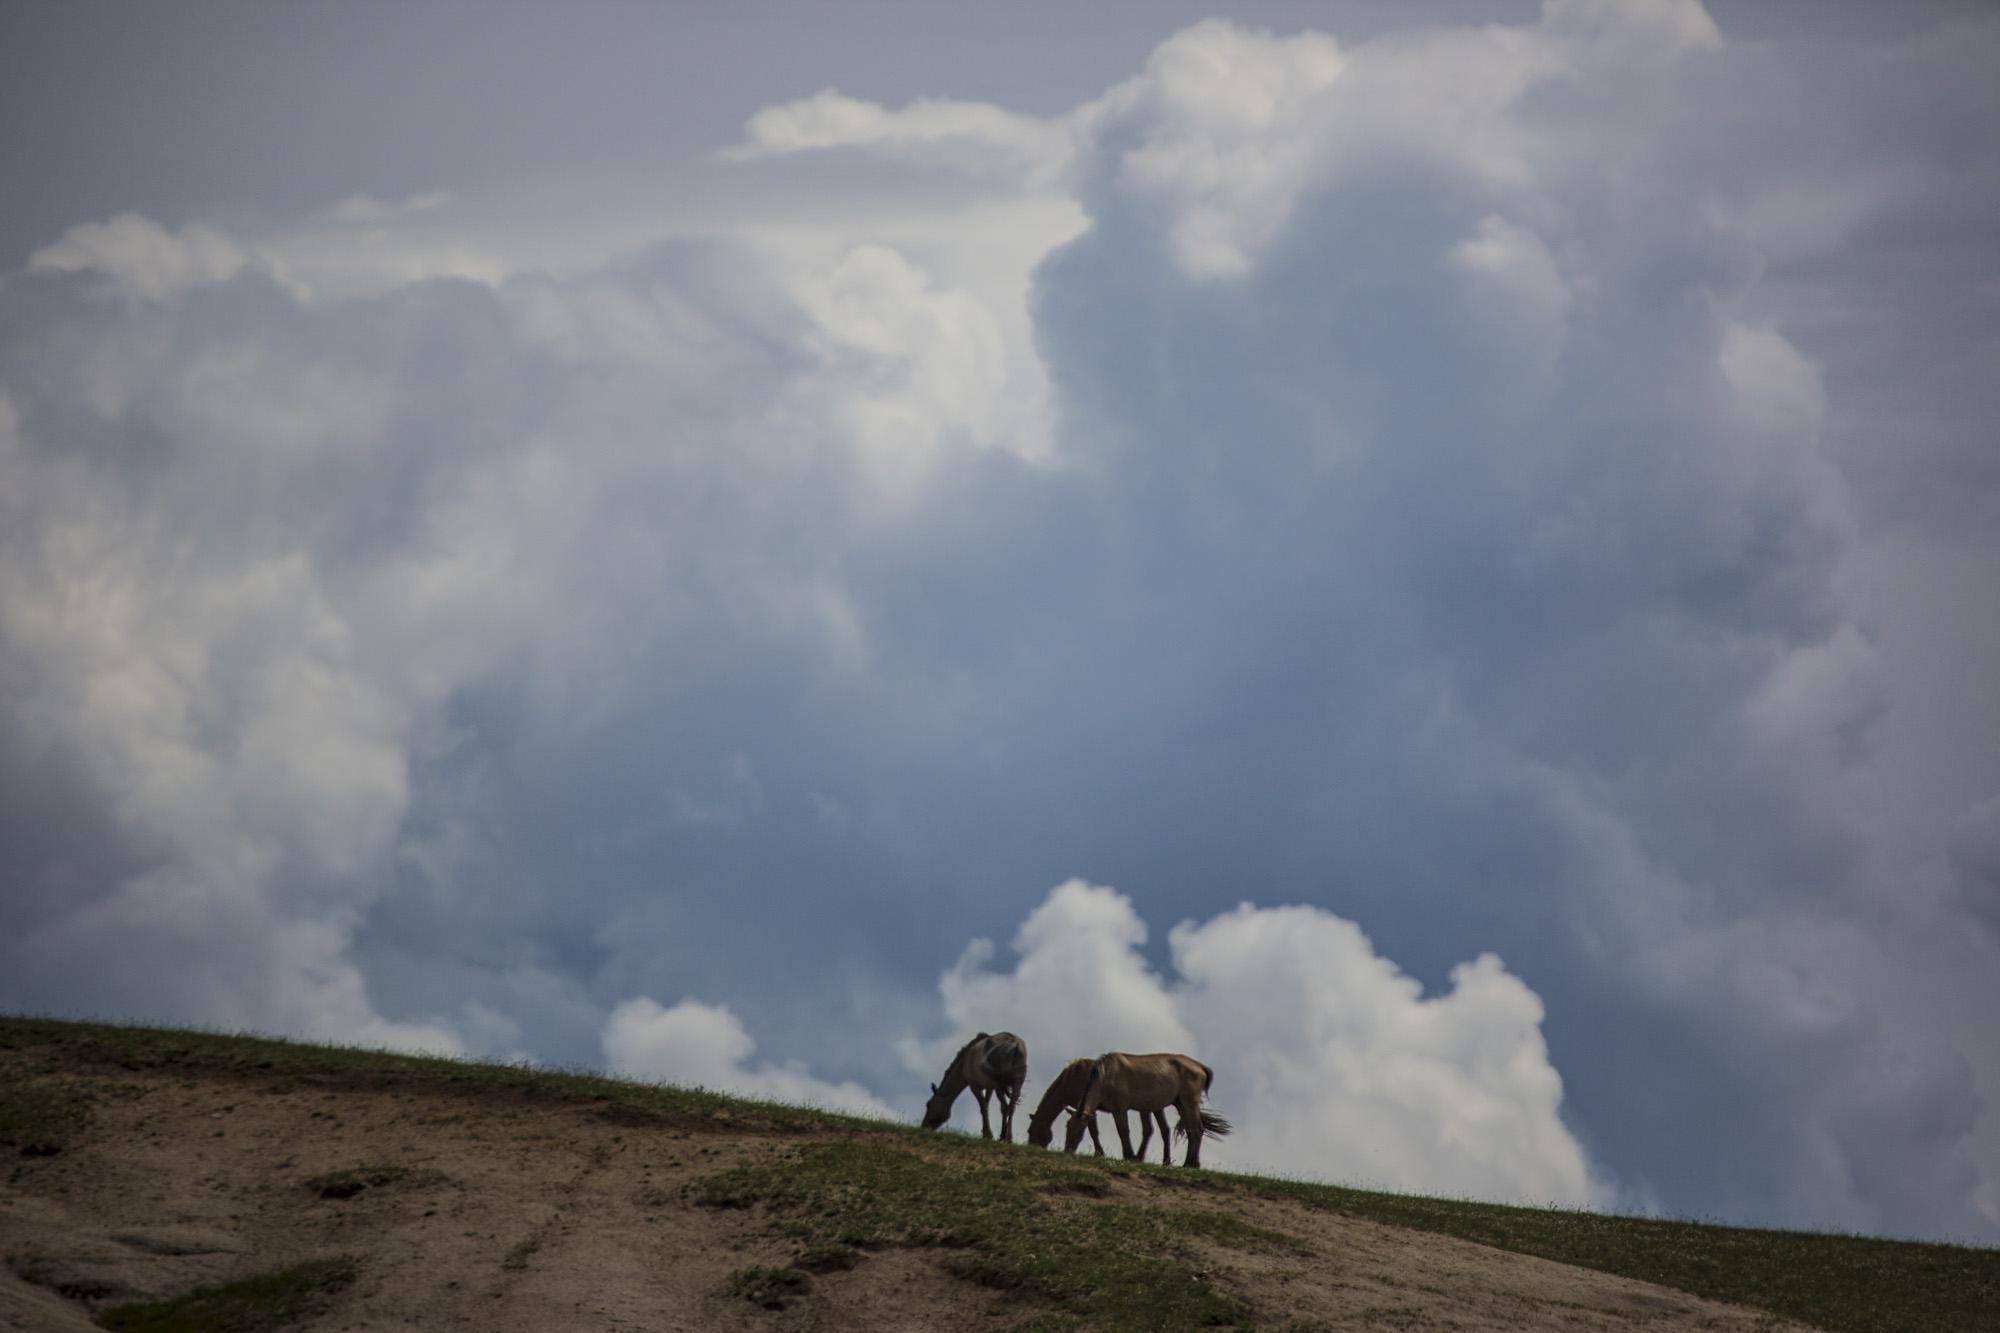 Pferde vor Wolken, Mongolei